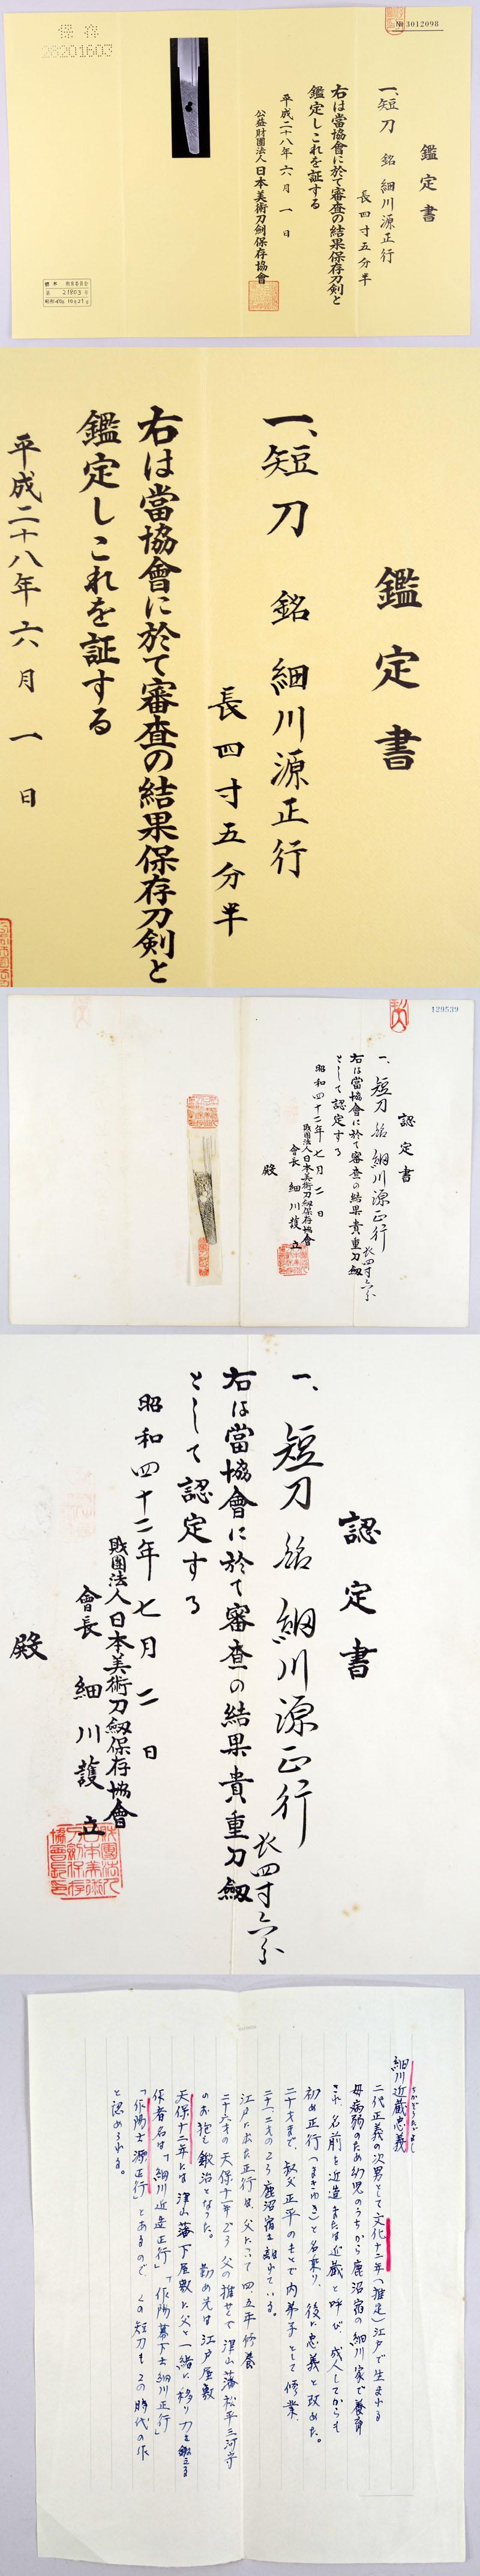 細川源正行 (細川忠義) Picture of Certificate